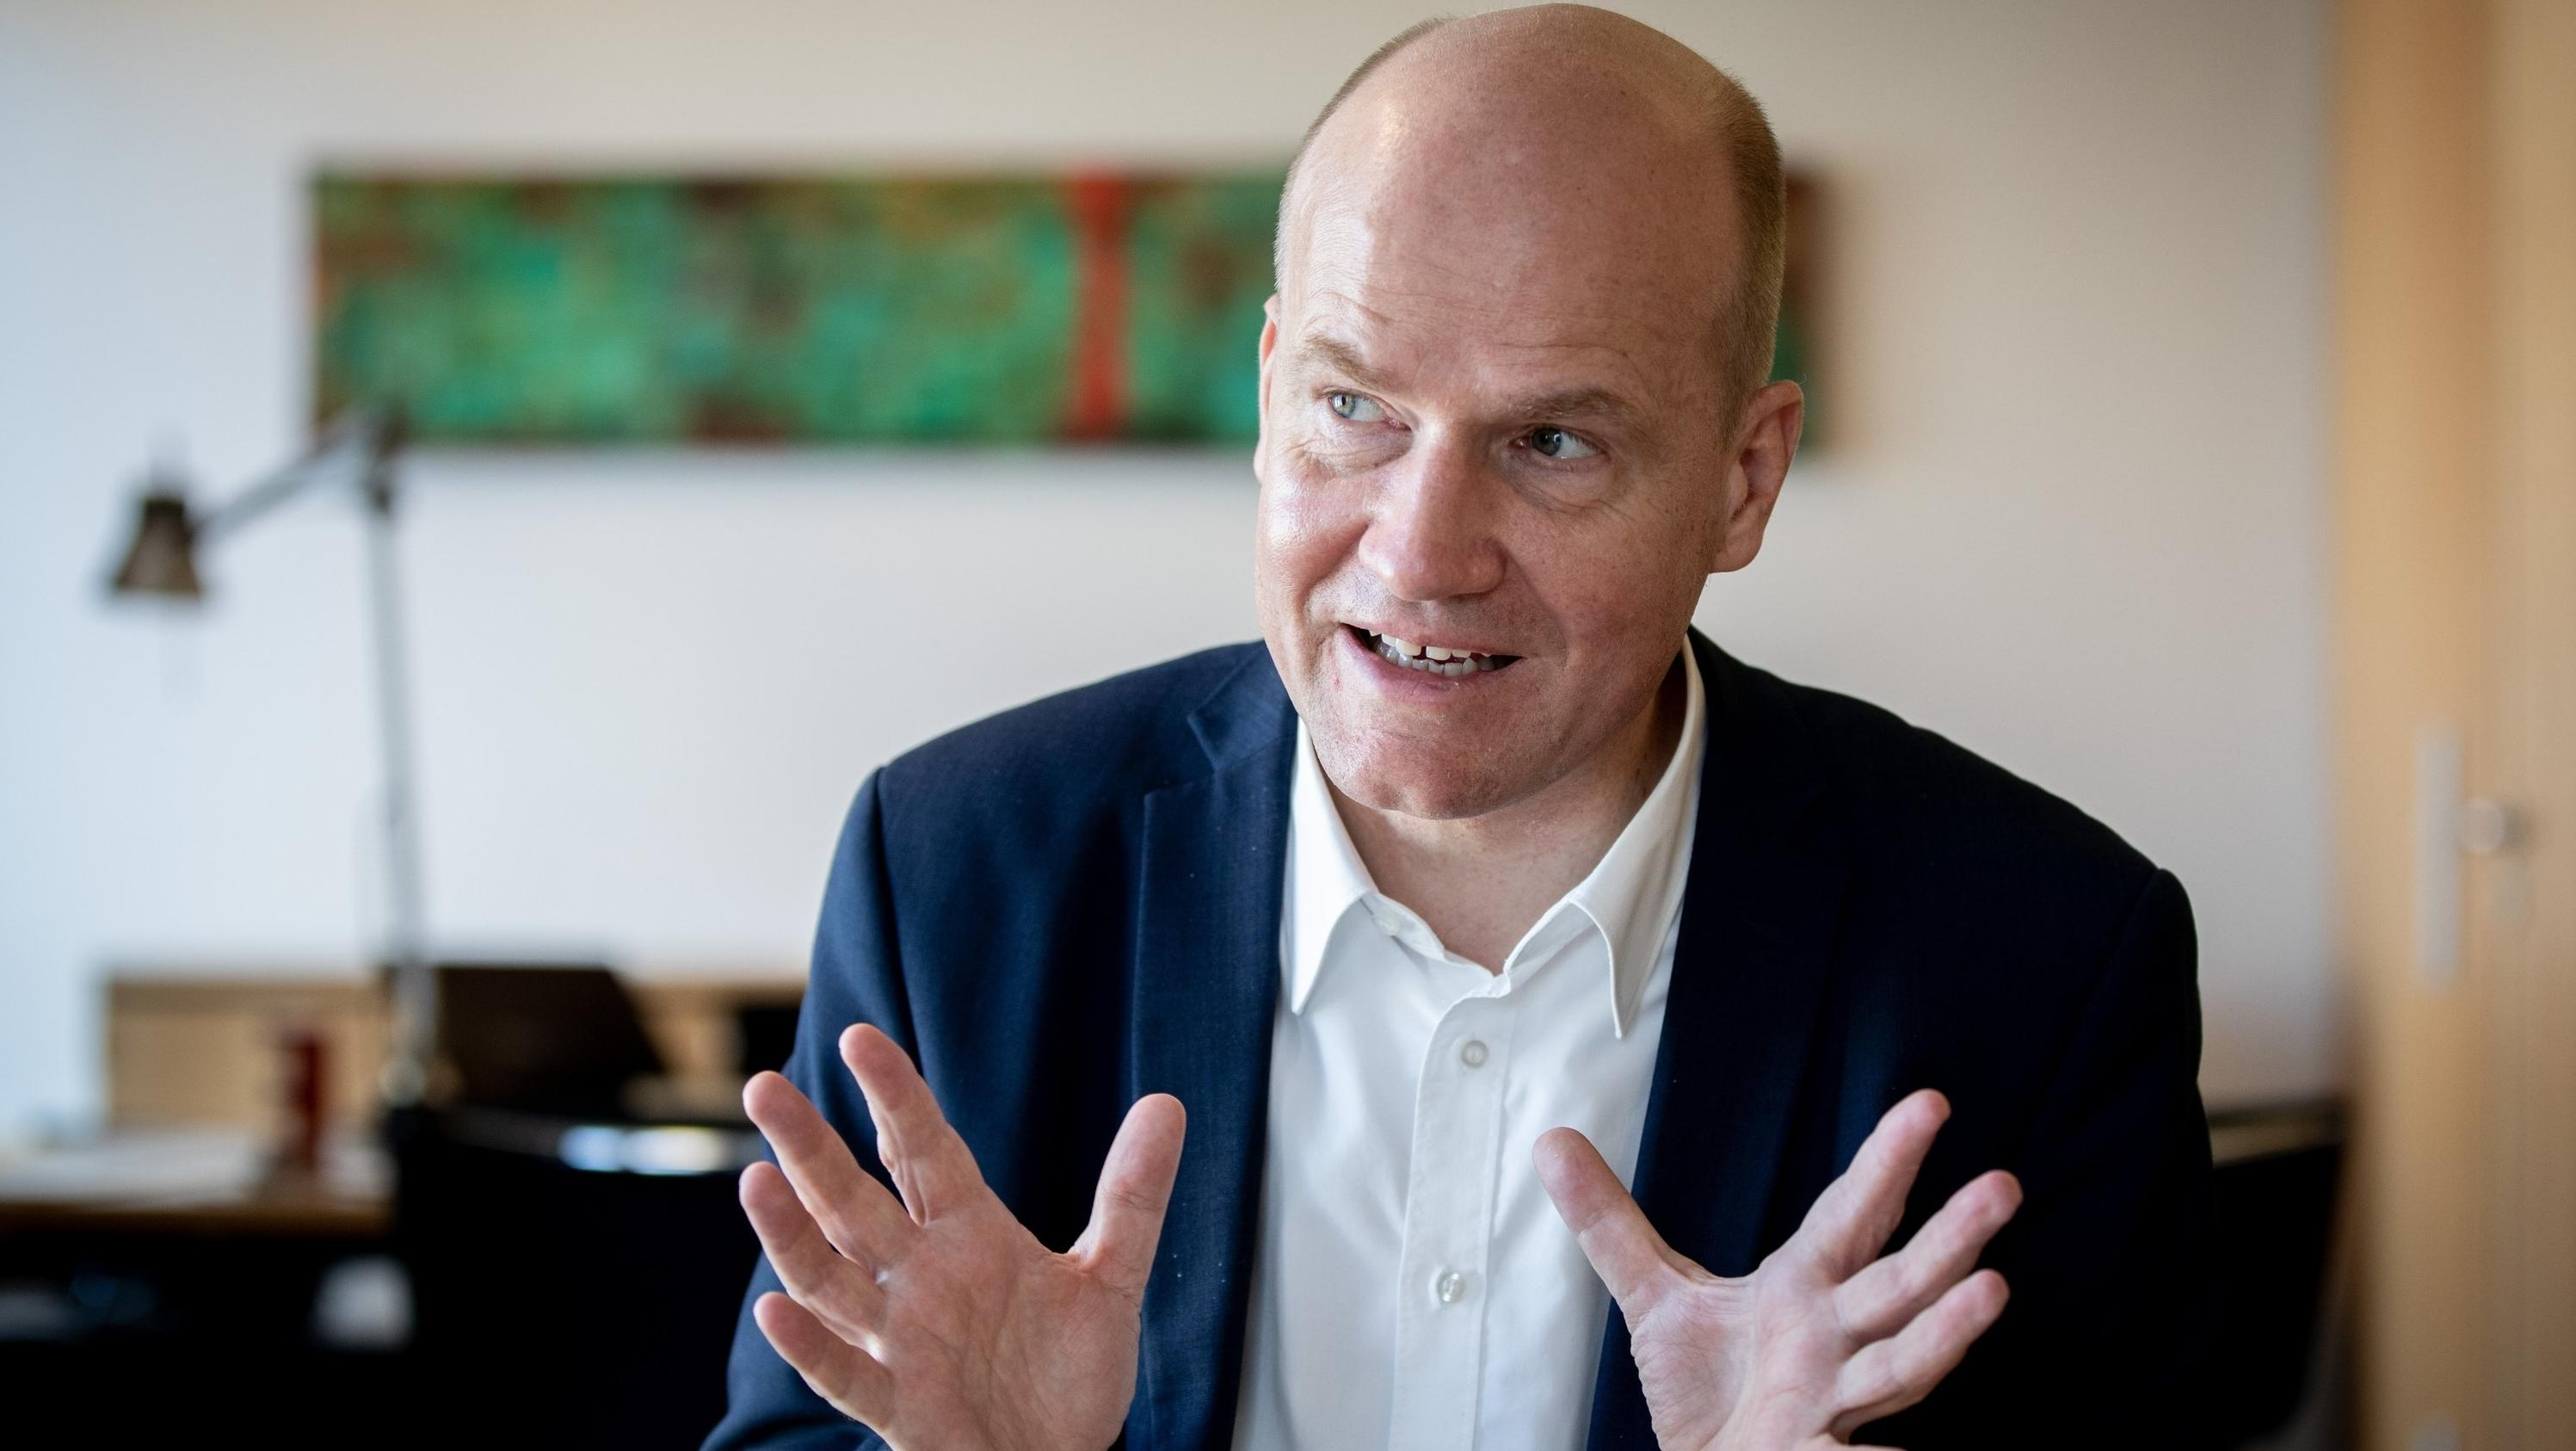 Archivbild: Ralph Brinkhaus, Vorsitzender der CDU/CSU-Bundestagsfraktion